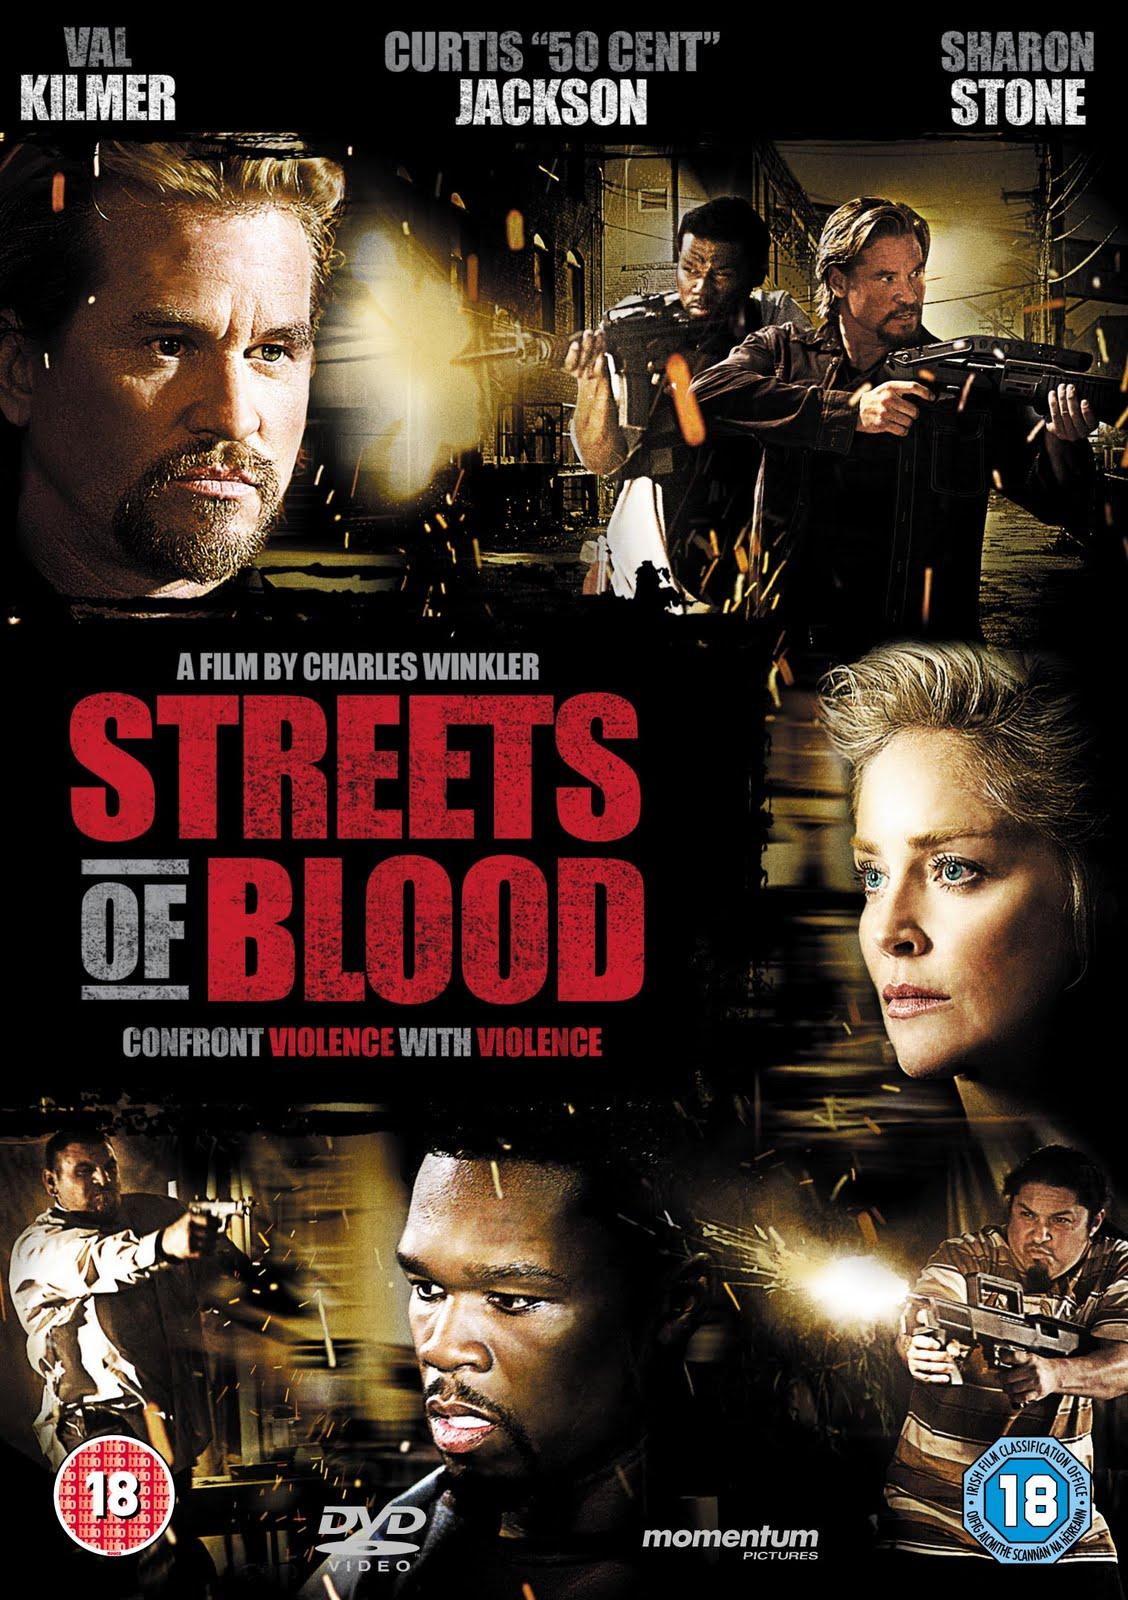 http://1.bp.blogspot.com/_4GAmcX1ehkw/S7TzV6pTBTI/AAAAAAAARu0/7QJTnhnowvg/s1600/streets_of_blood_dvd_2d.jpg